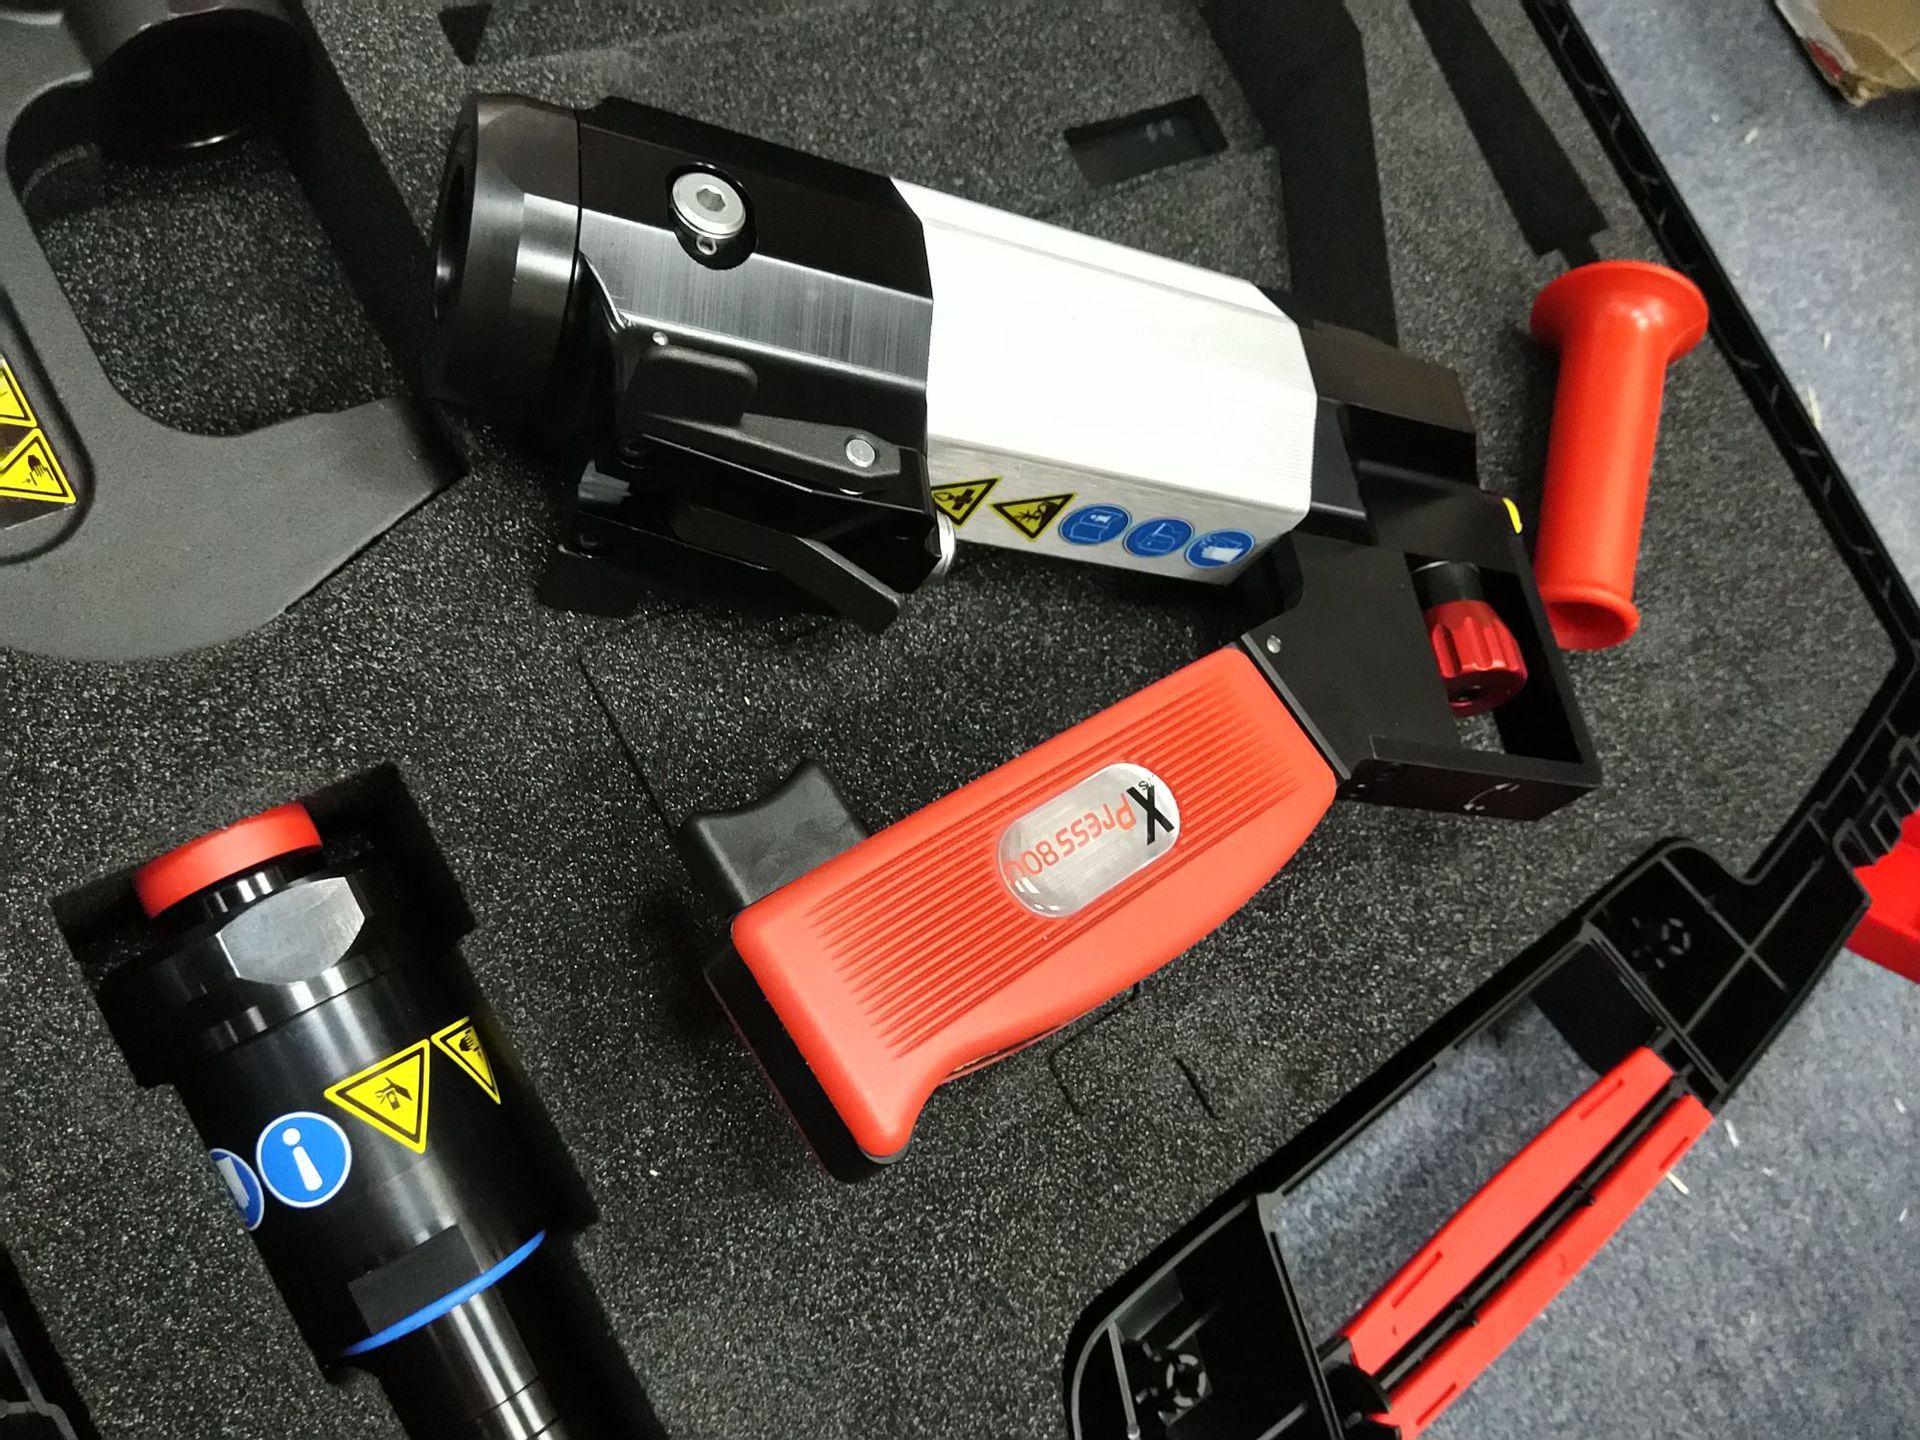 Công cụ bảo trì xe hơi của Đức W+Máy bảo dưỡng 104091 đĩa mùa xuân 15/ 8 2988874 một năm bảo hành